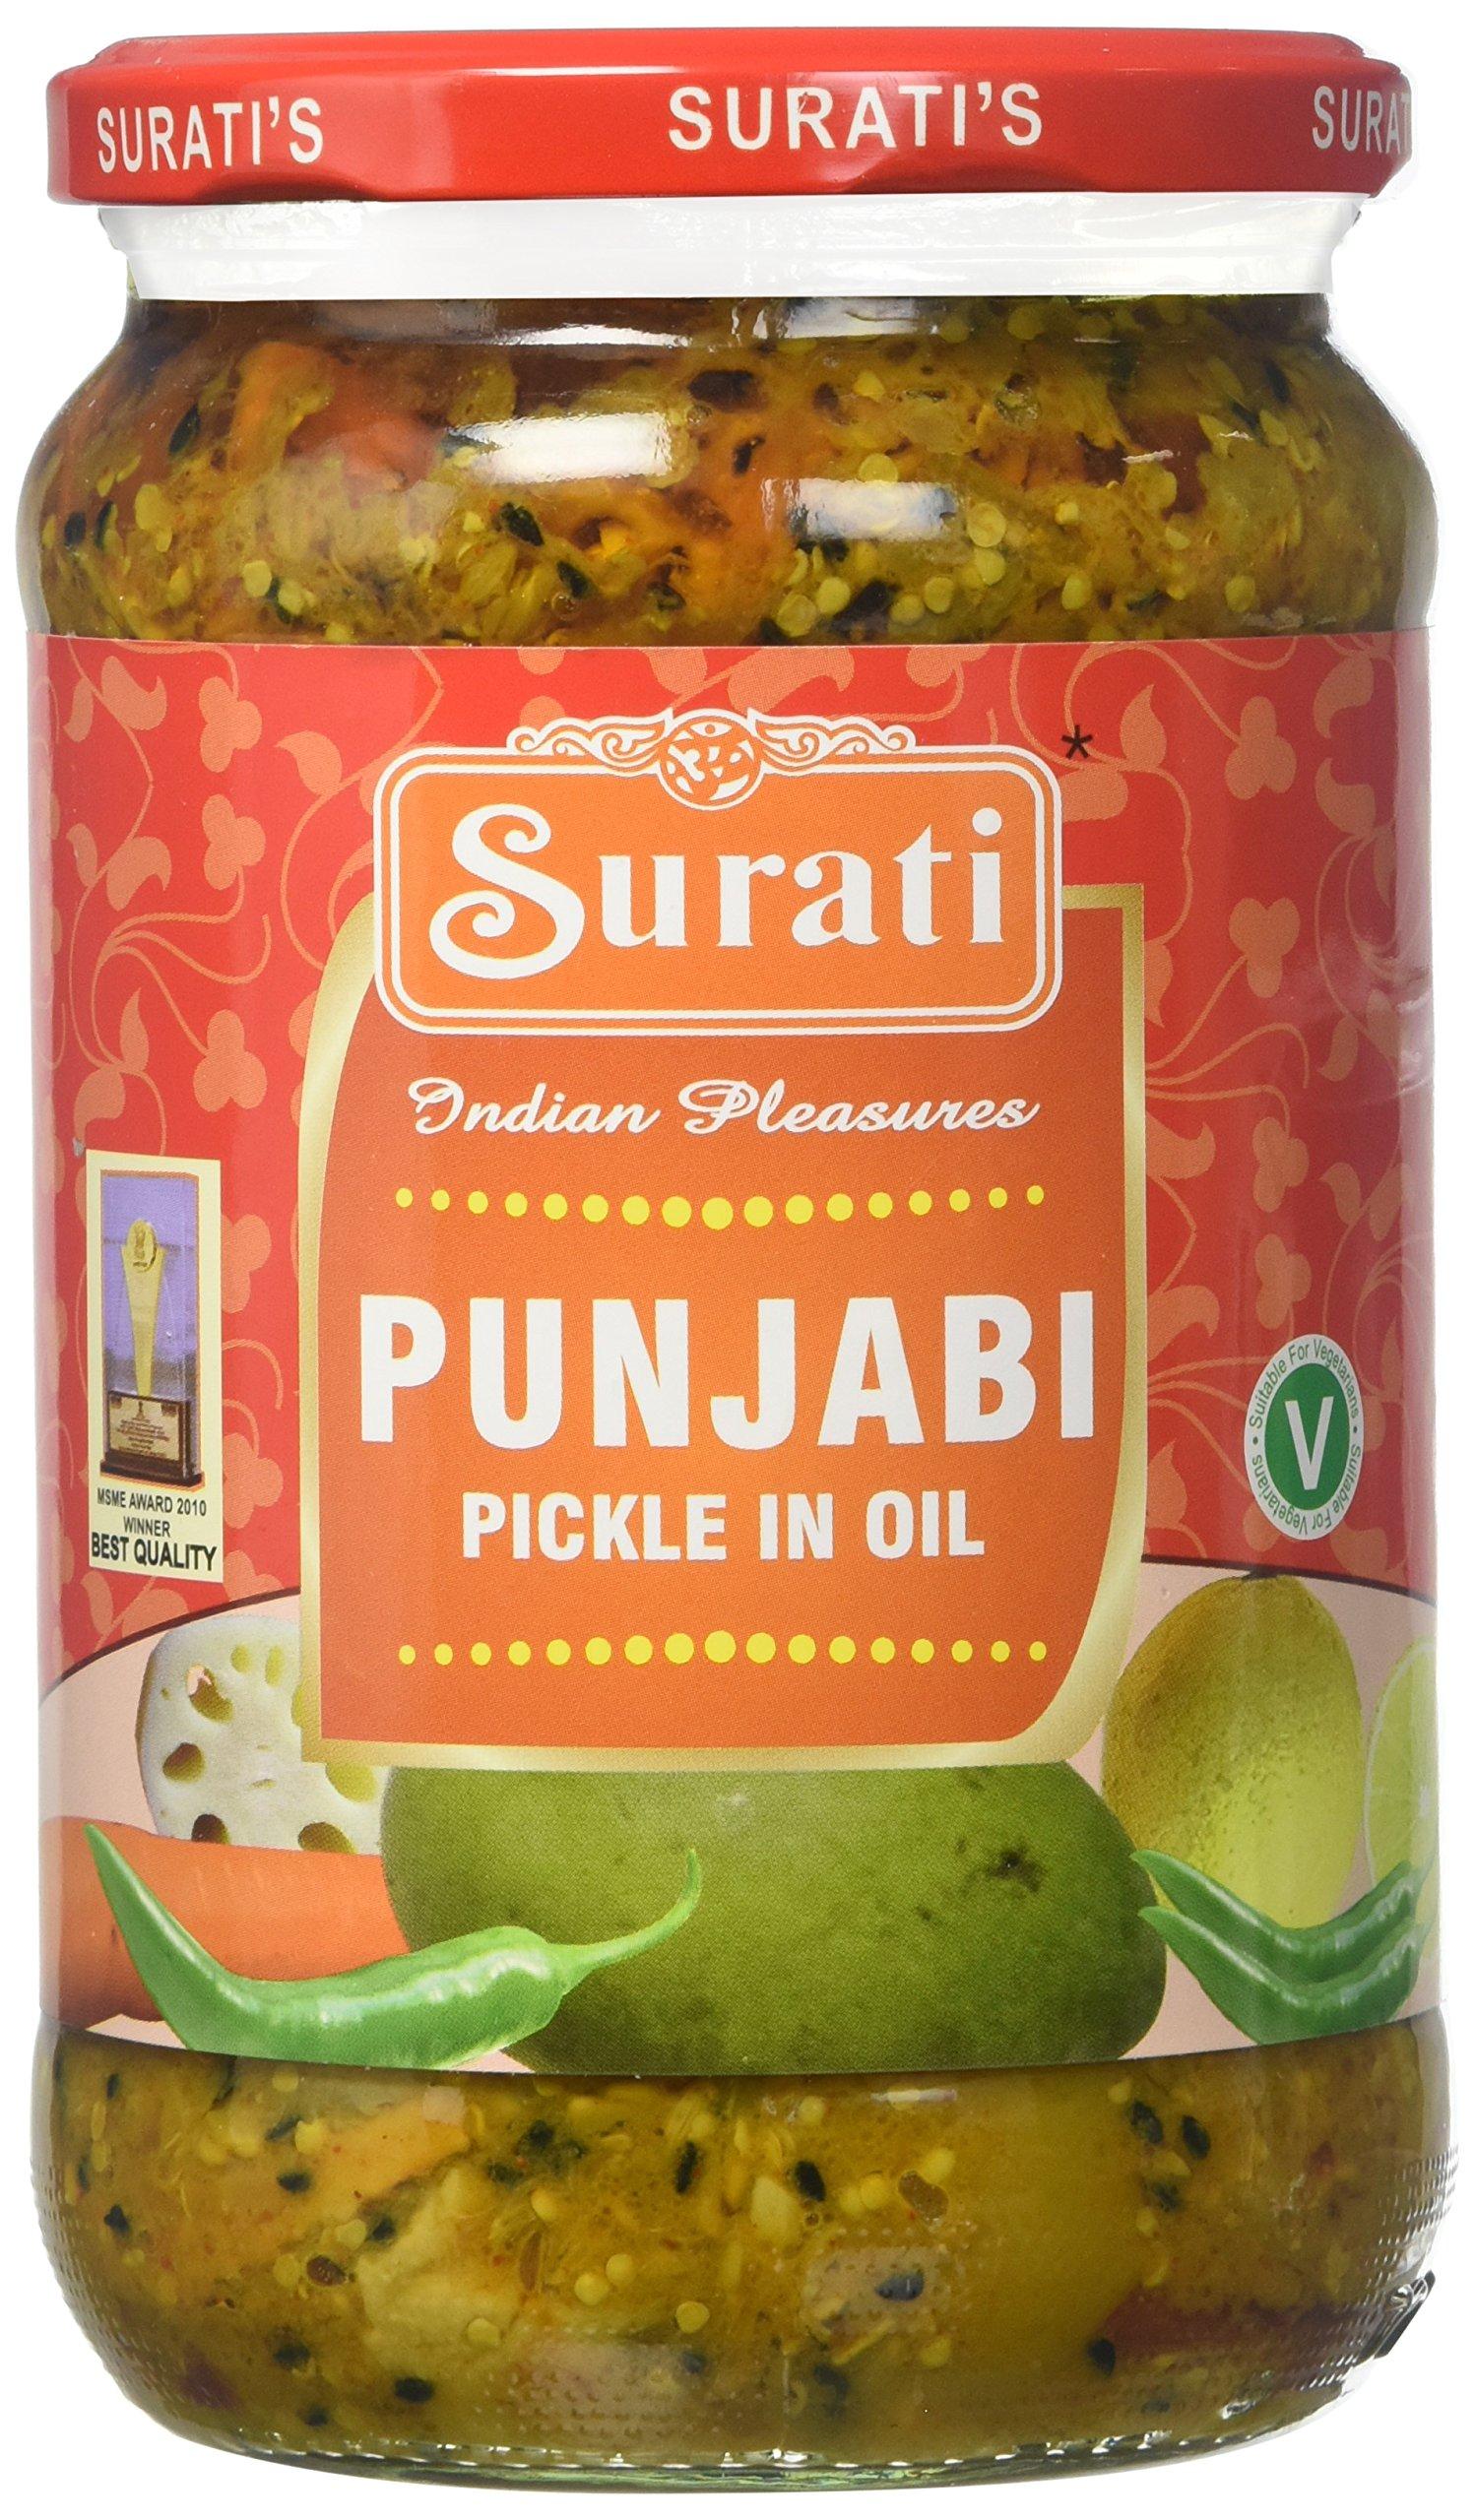 Surati, Punjabi Pickle, 700 Grams(gm) by Surati